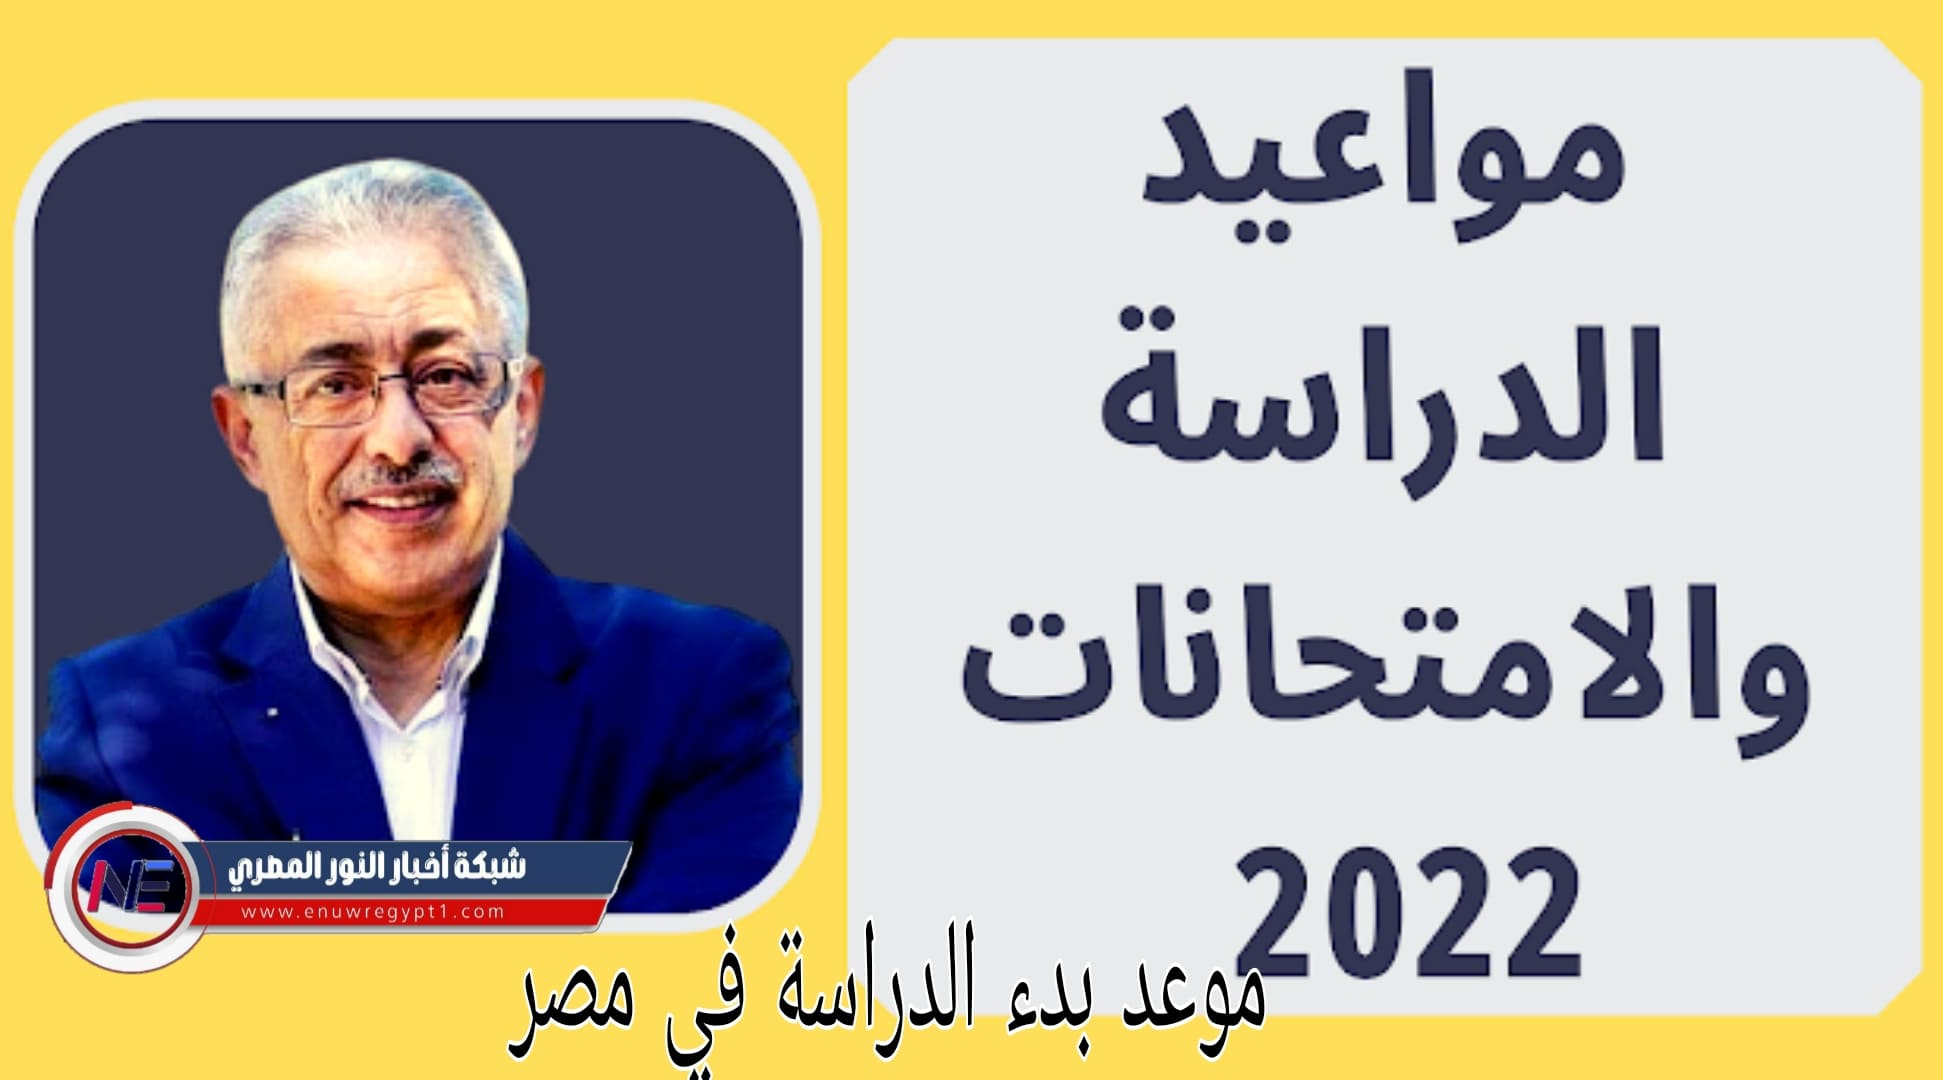 تعرف علي موعد بدء العام الدراسي 2022 في مصر للمدارس والجامعات | مواعيد السنة الدراسية وامتحانات الترم الاول والثاني للعام الدراسي الجديد 2021-2022 وزارة التربية والتعليم